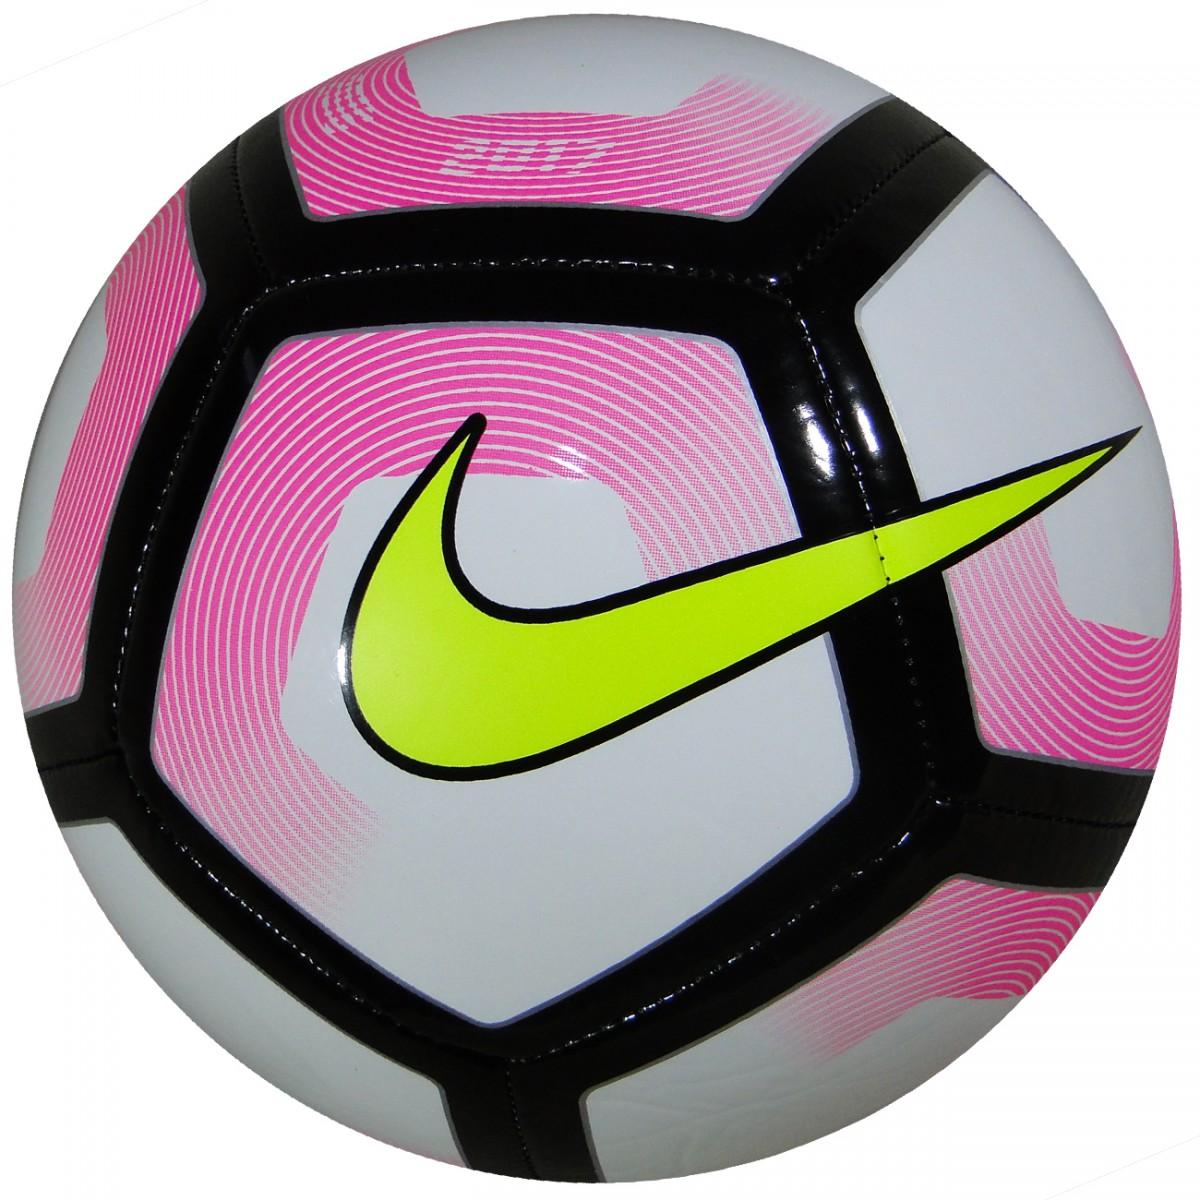 6dd510cea9e23 Bola Nike SC2993 SC2993 100 - Rosa Preto Limão - Chuteira Nike ...